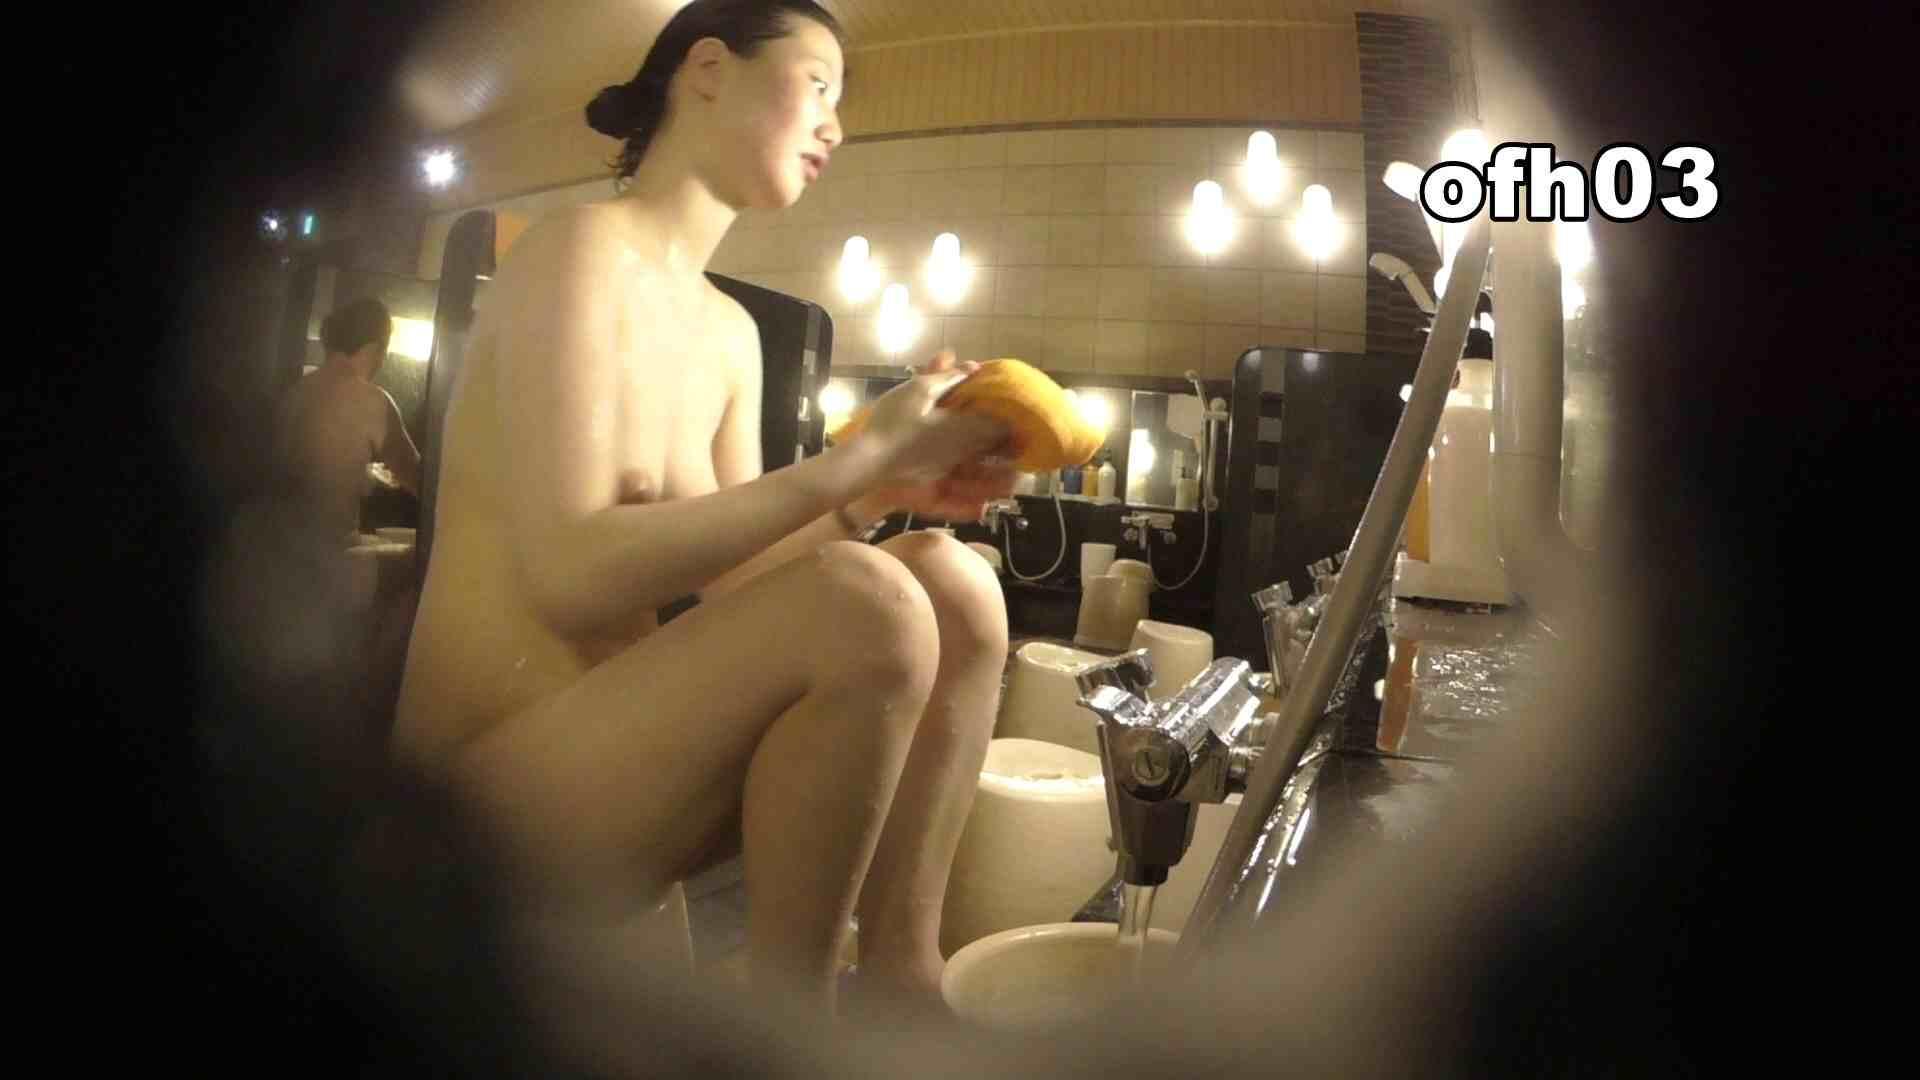 お風呂HEROの助手 vol.03 OLハメ撮り  65Pix 62